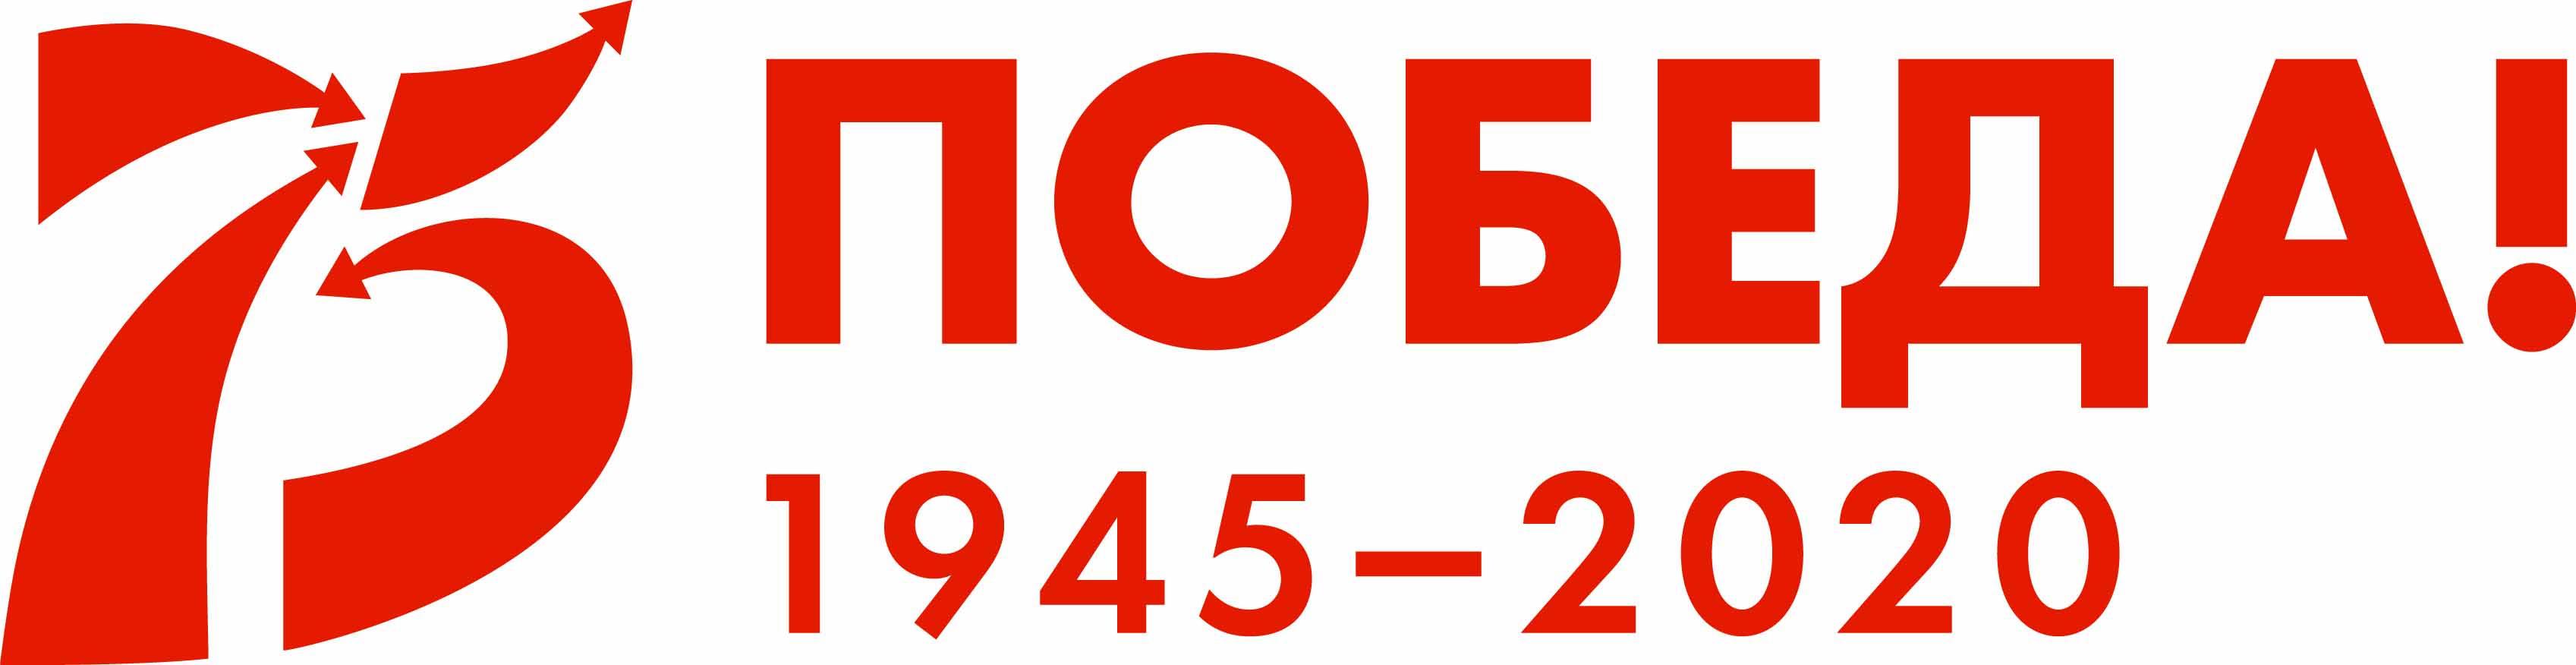 75 лет логотип